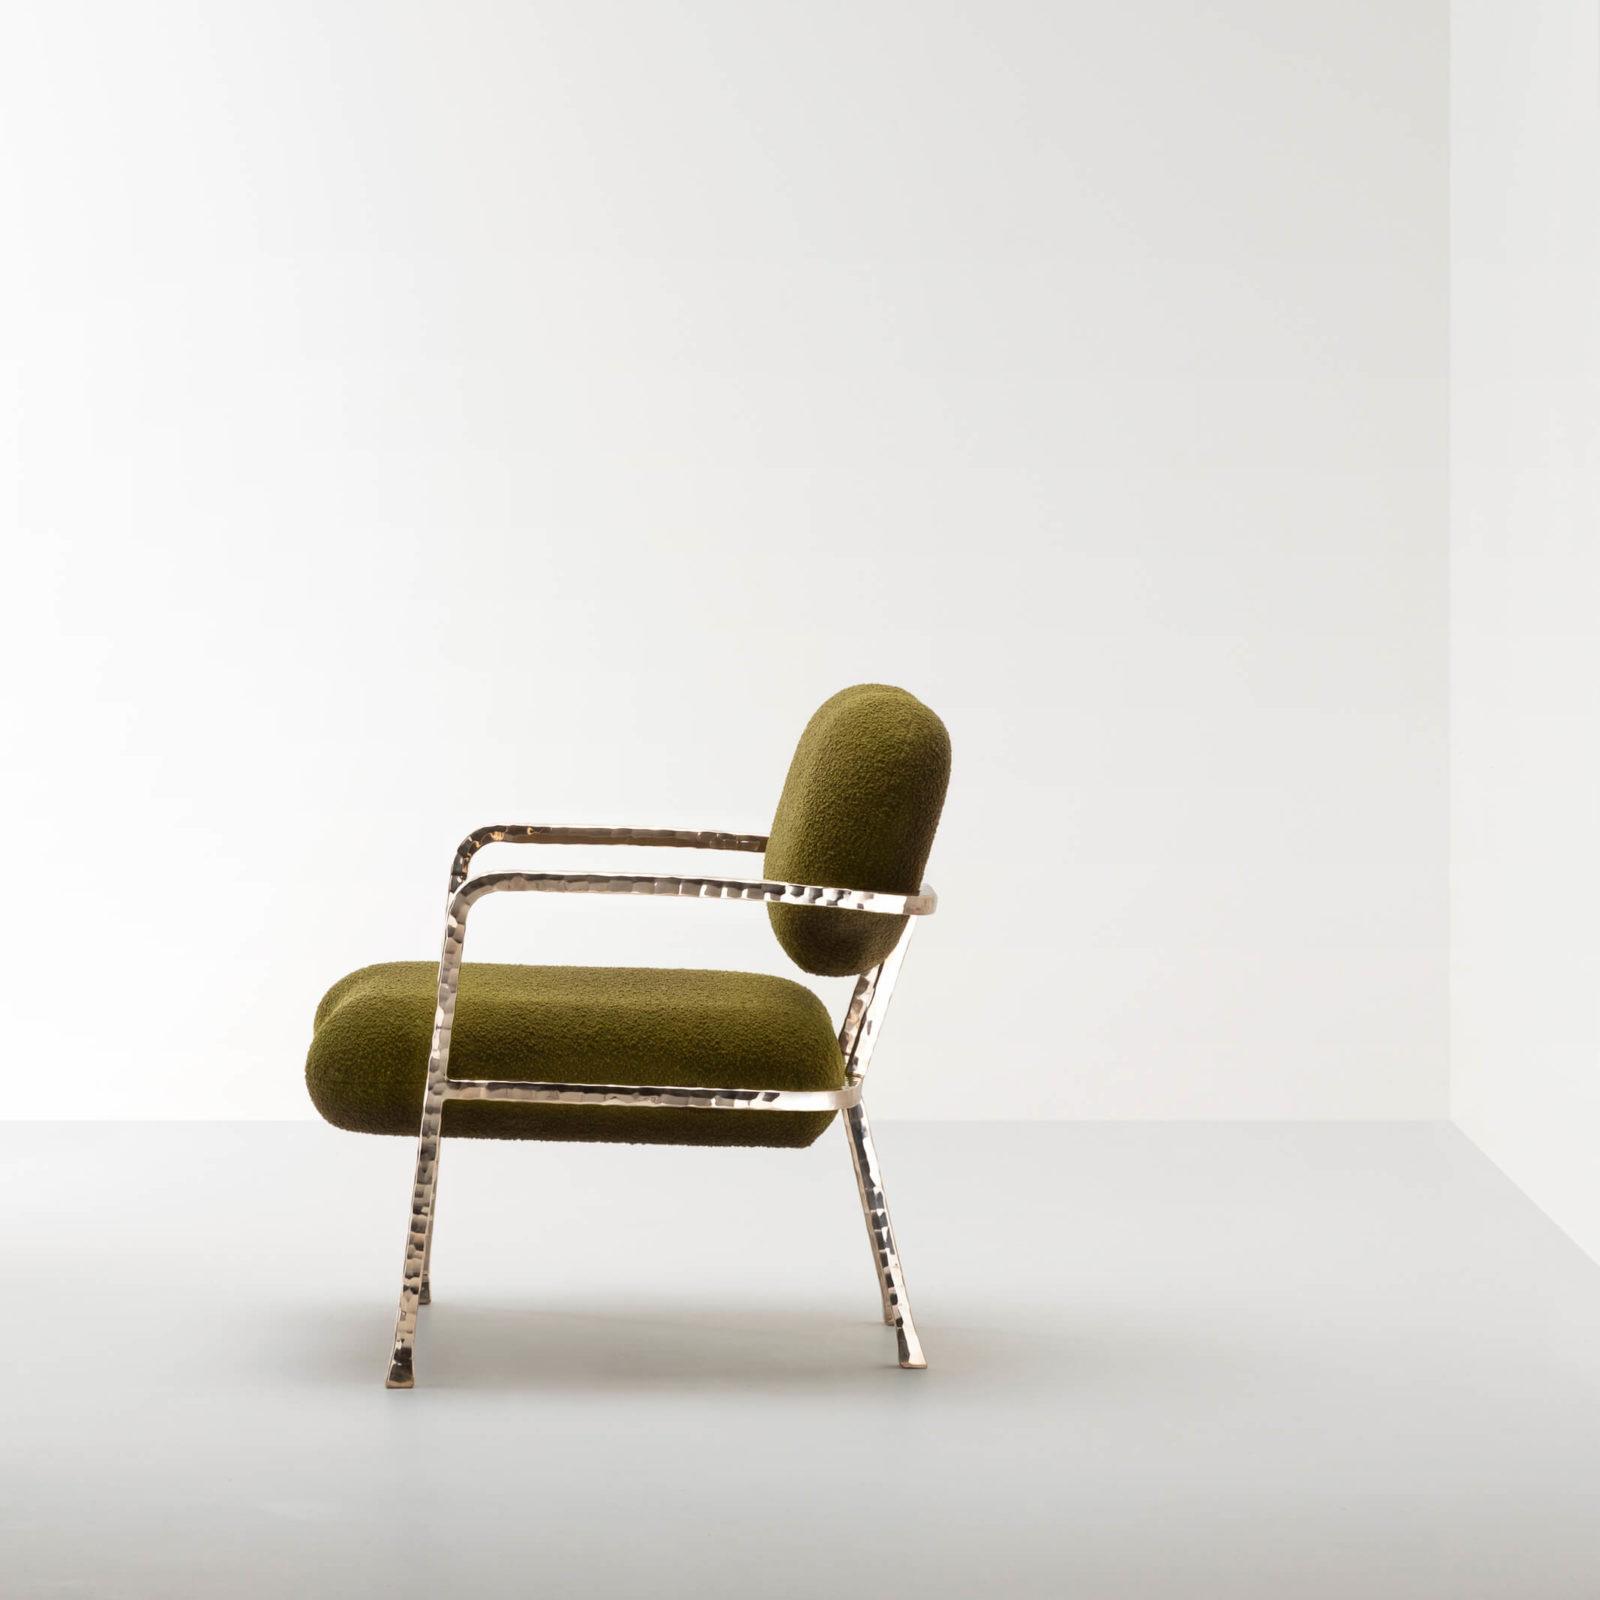 Hopper (with armrests)